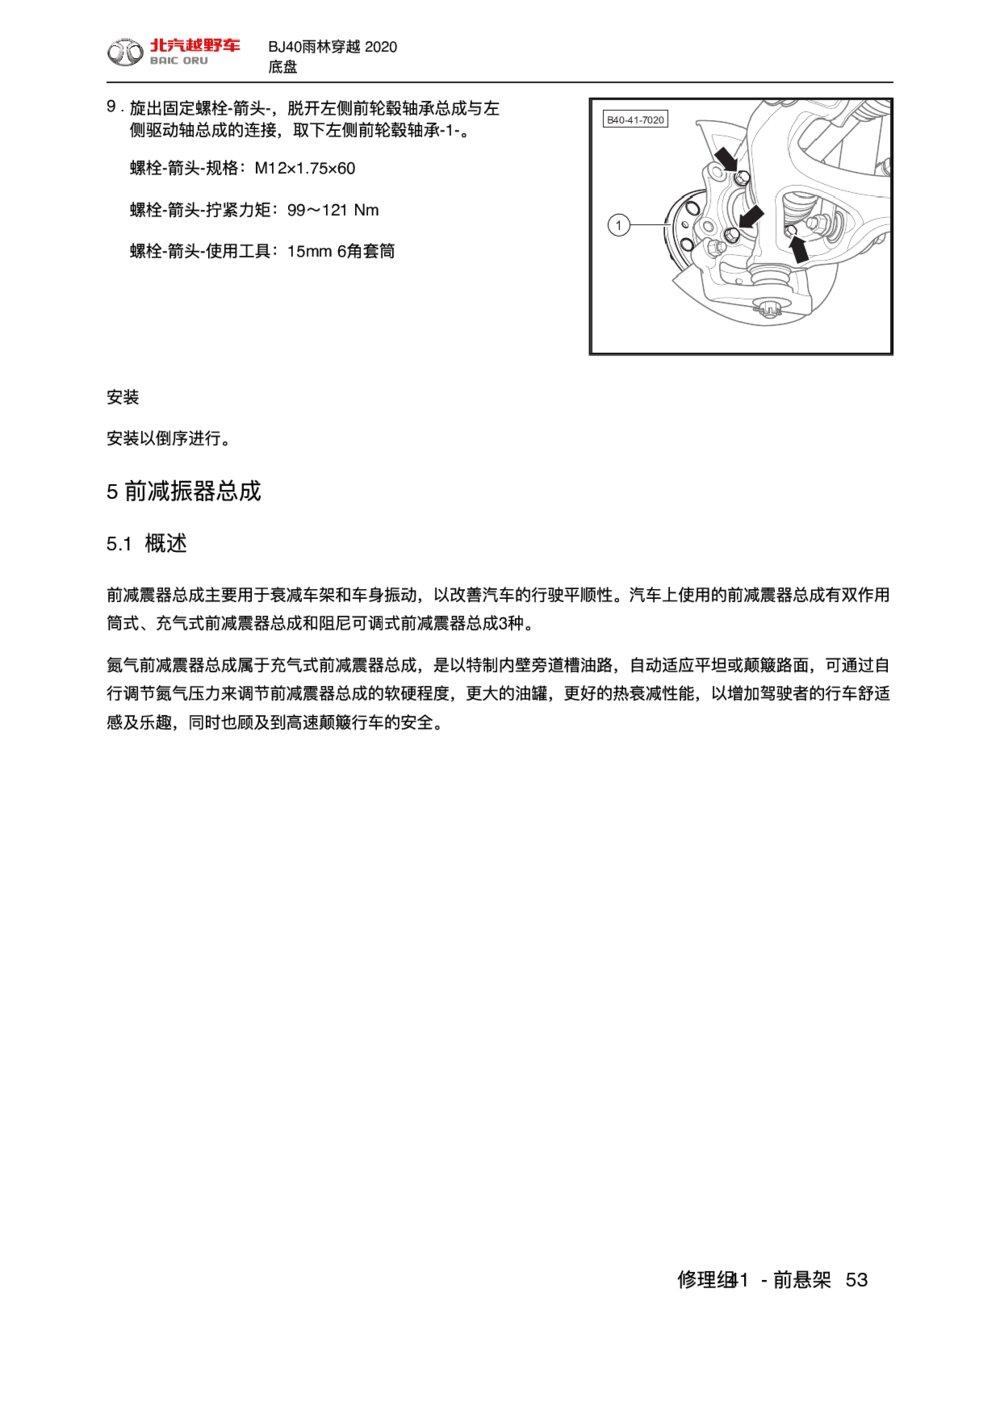 2020款北京BJ40前悬架前减振器总成1